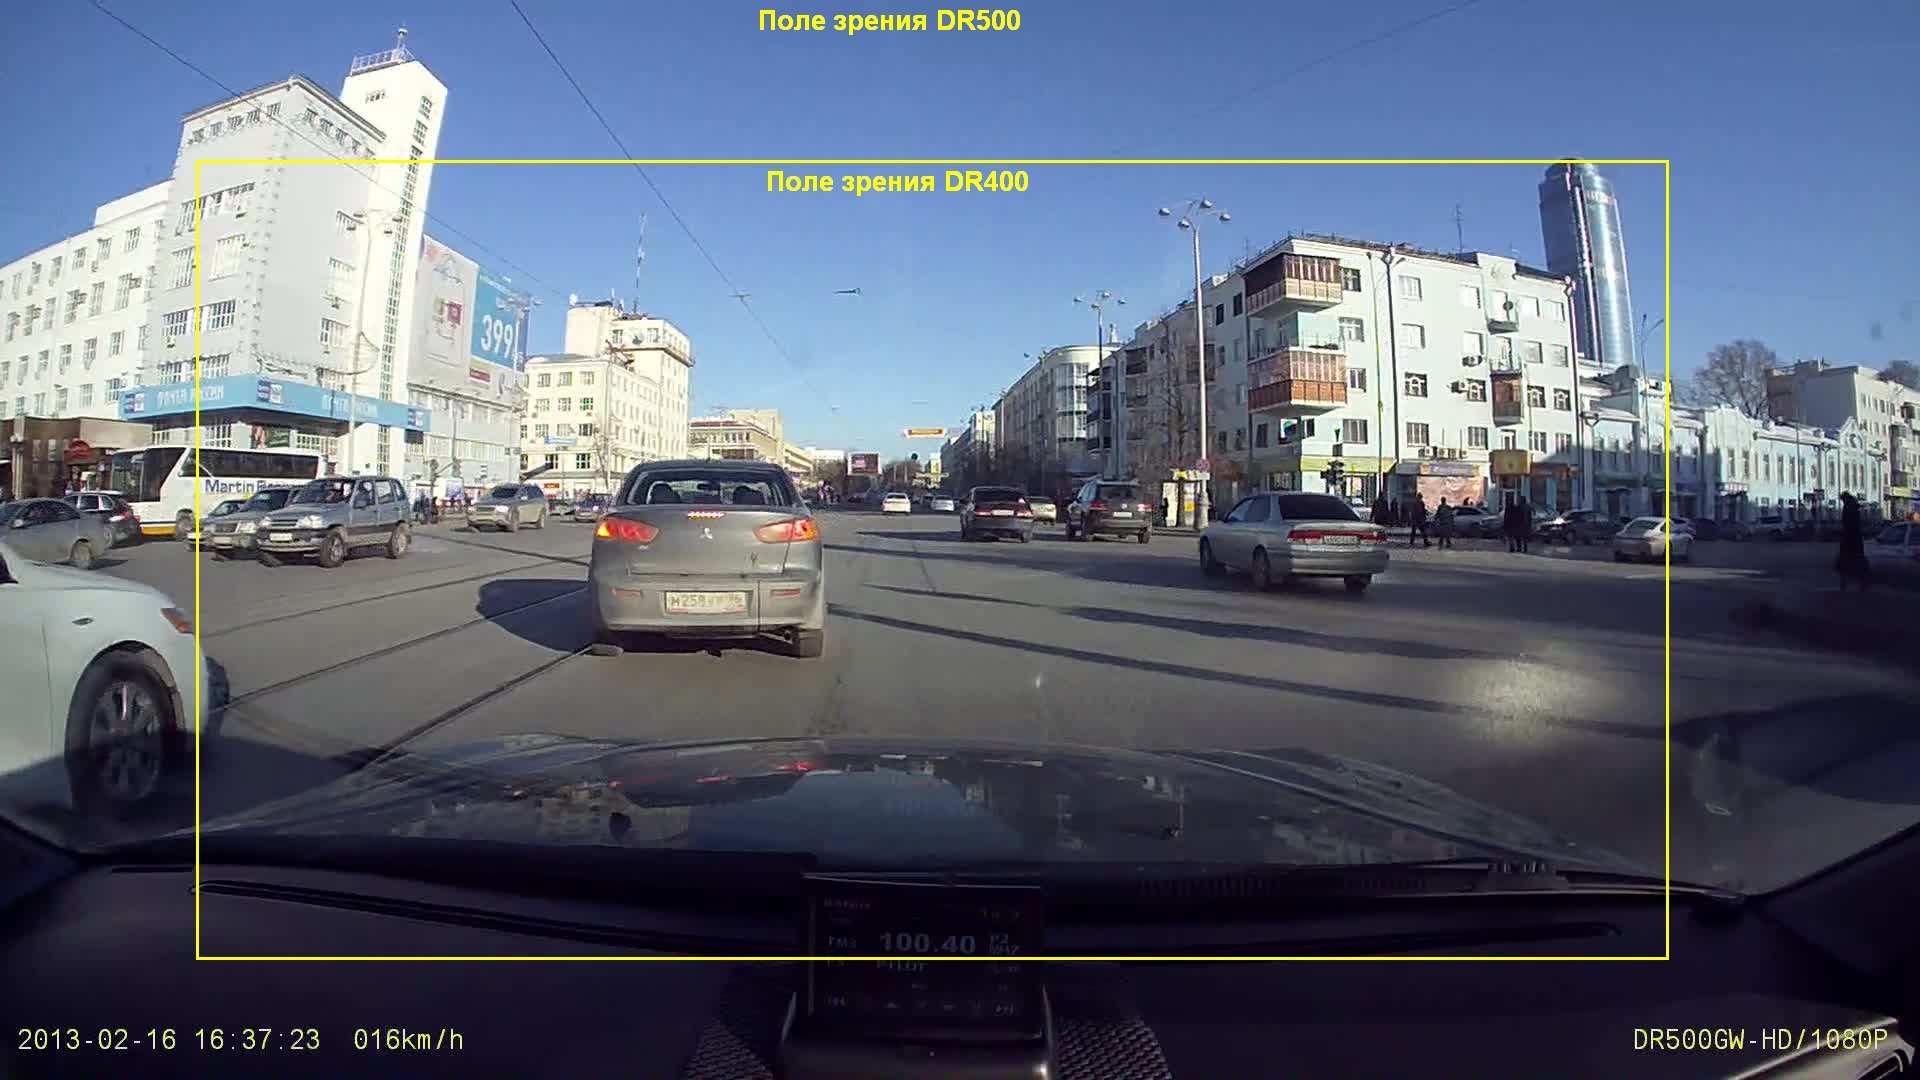 BlackVue DR500GW-HD Wi-Fi